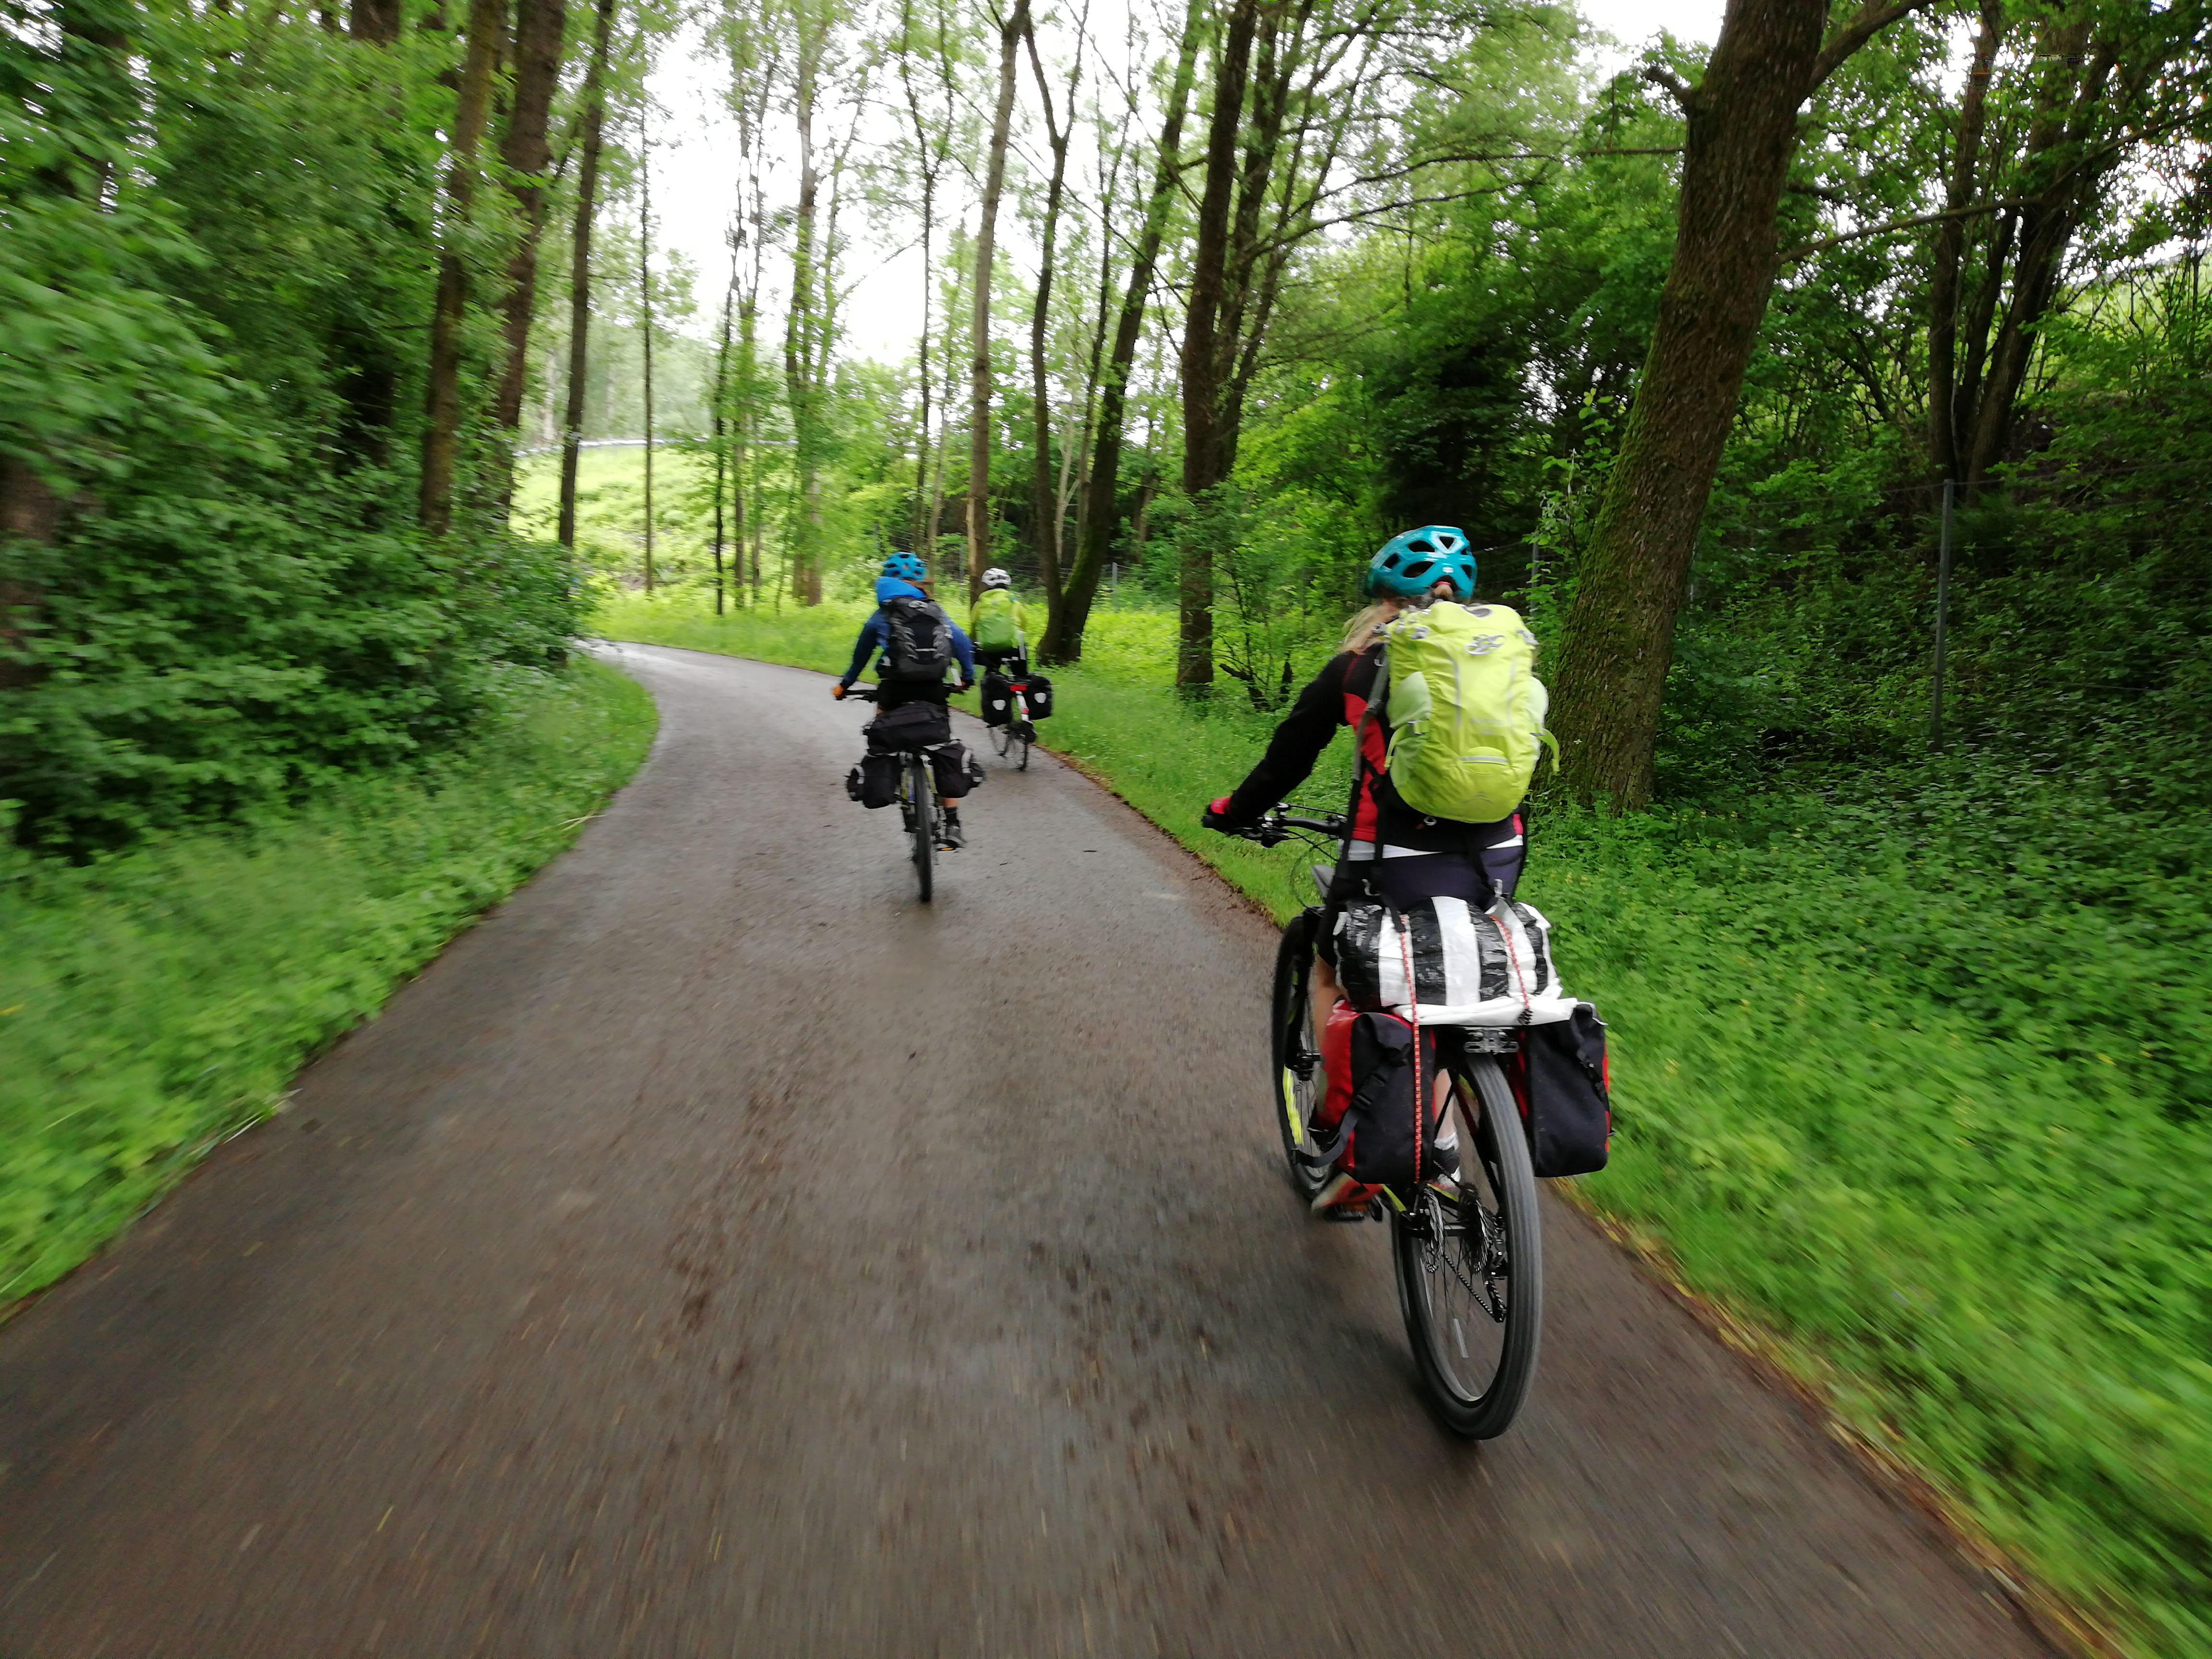 #VonBerchtesgadennachRijeka - Tag 3 - Drauradweg von Spittal nach Villach